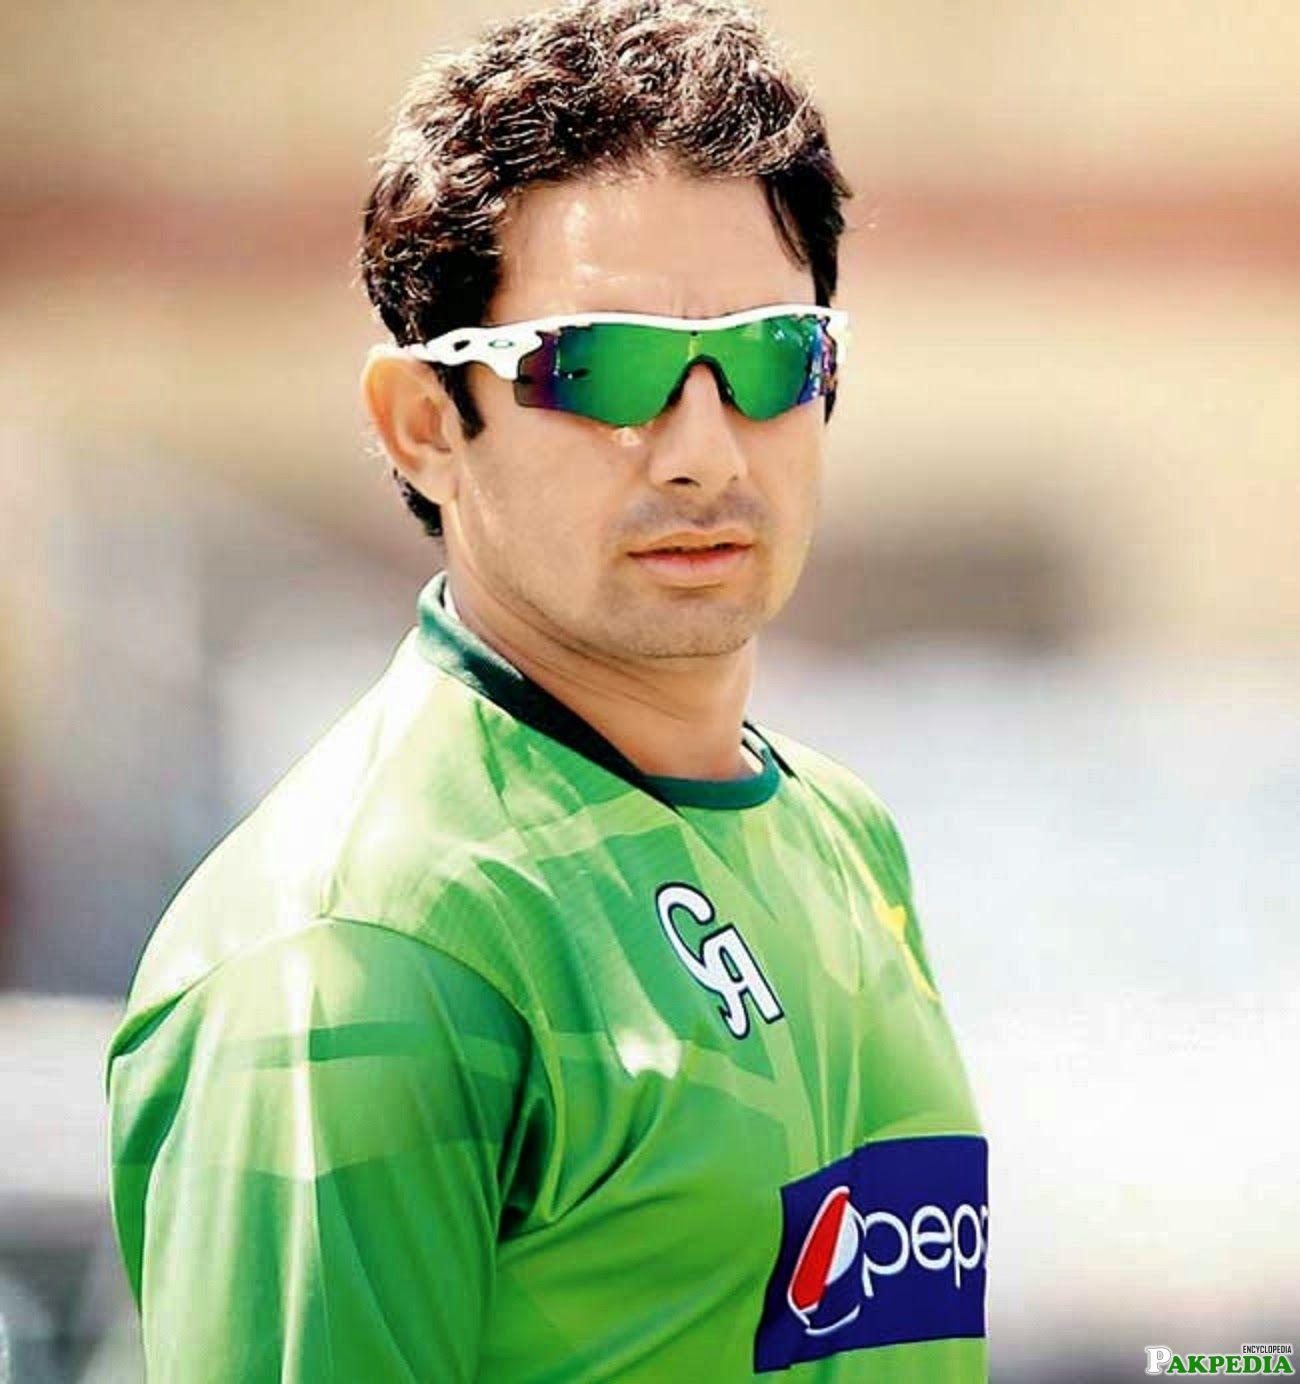 Nice Photo of Saeed Ajmal